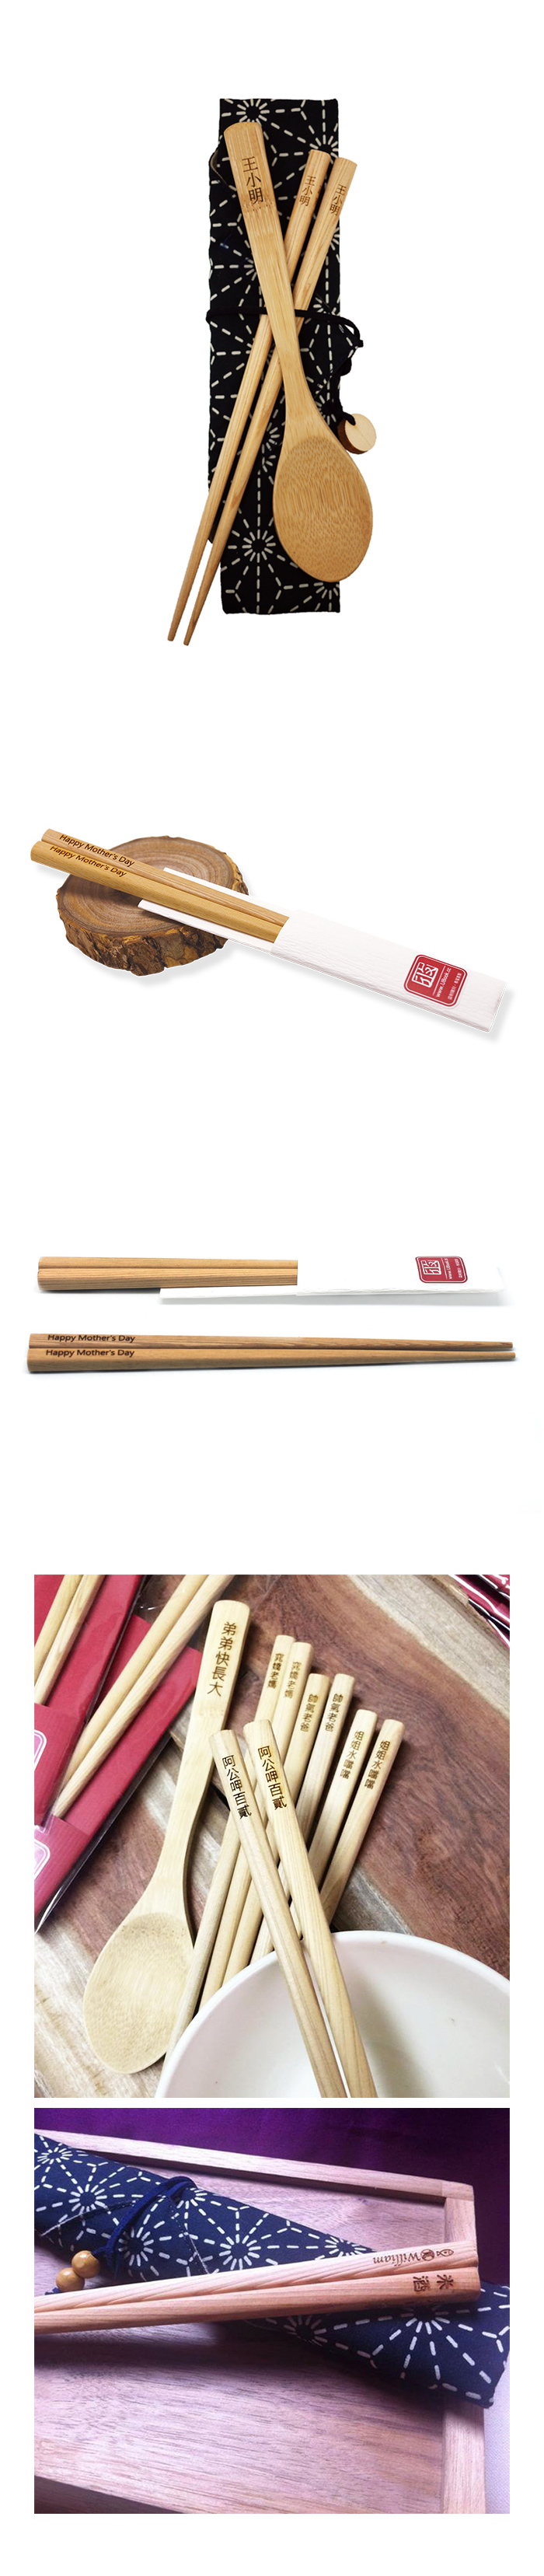 攸 UBook 可客製化 台灣檜木原木筷+竹匙+布套組 (價格包含5字內雷雕費用)